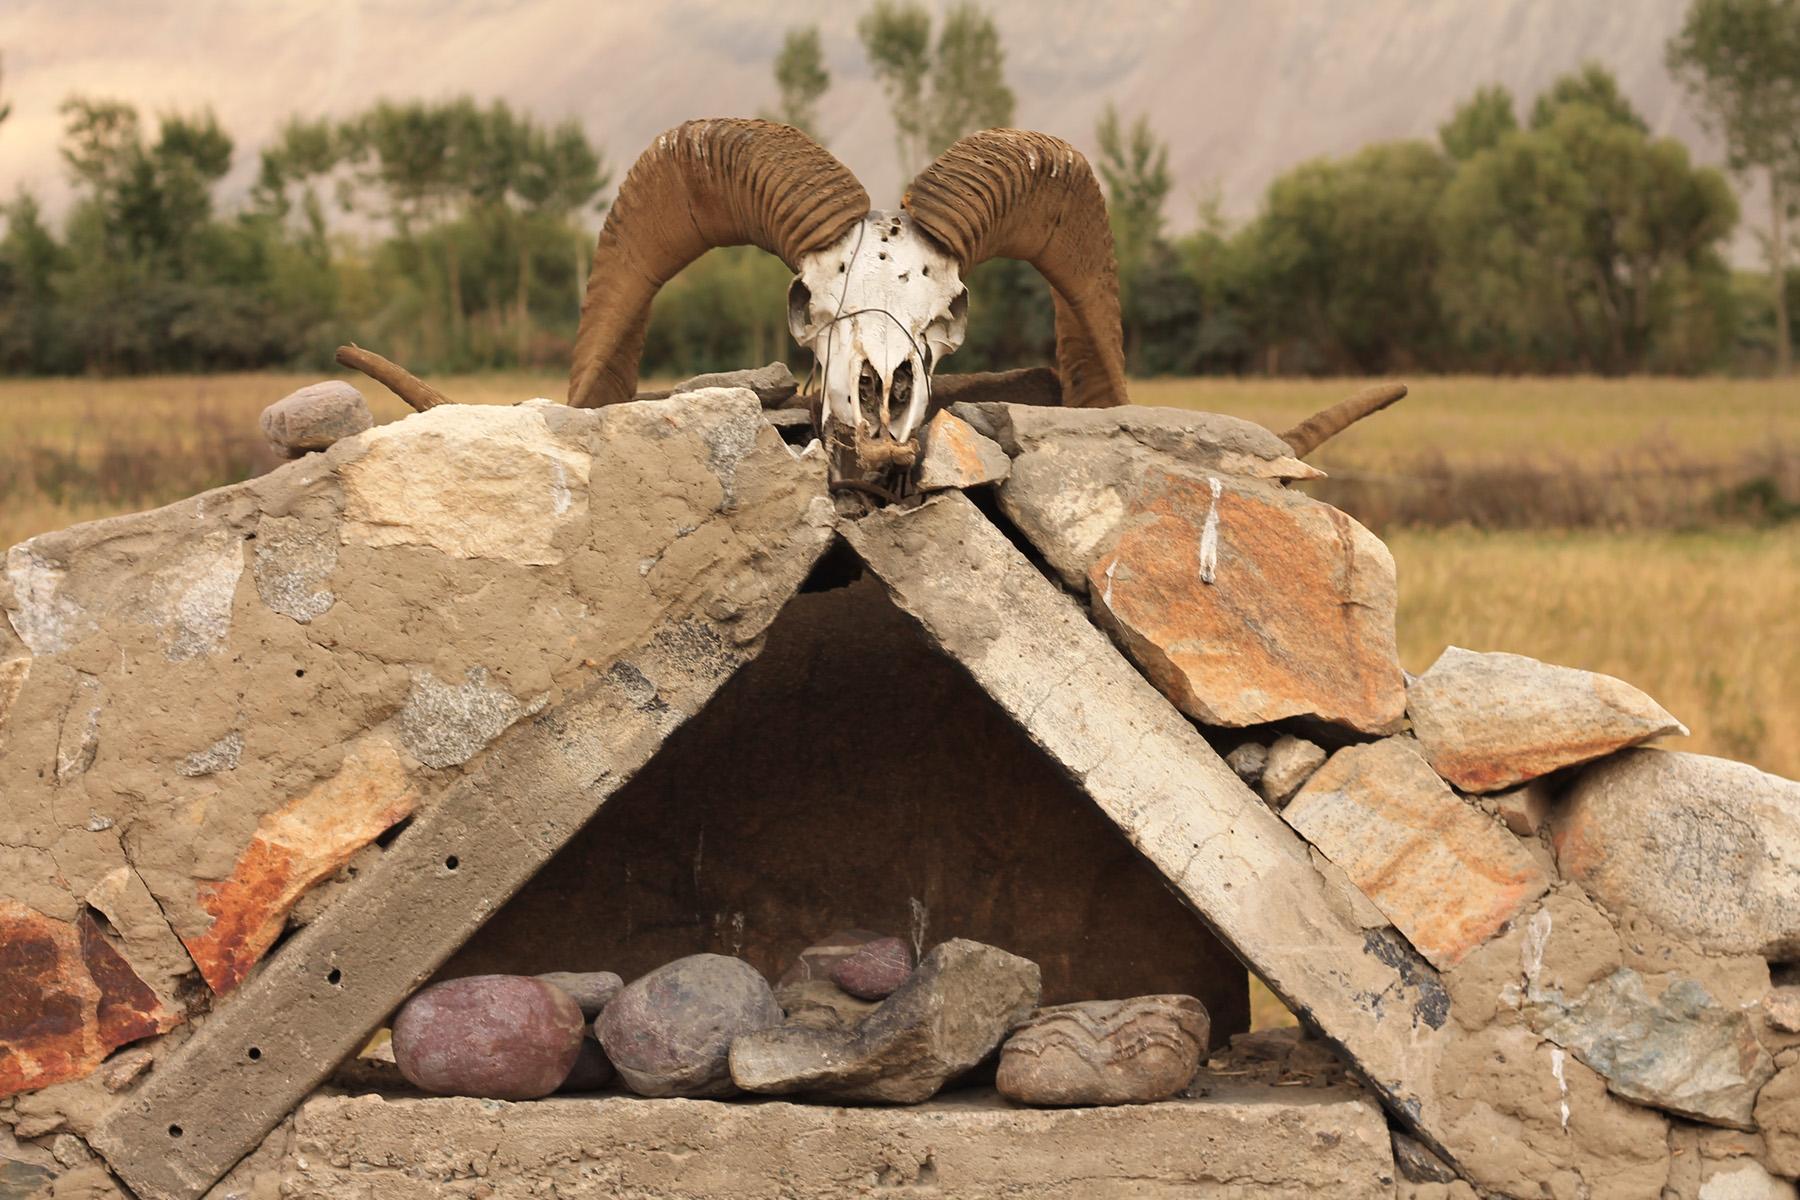 """Na pierwszy ogień idą zwierzęta lub ich pozostałości. Są one dość częstym widokiem. Ten tuaj przyjemniaczek """"zdobi"""" jeden z grobowców, w których chowani są pustelnicy Ismailiccy. Ismailizm to ugrupowanie religijne wywodzące się z islamu szyickiego. Ismailici są bardzo postępowym nurtem w Islamie, a ów grobowce pełnią rolę meczetów."""